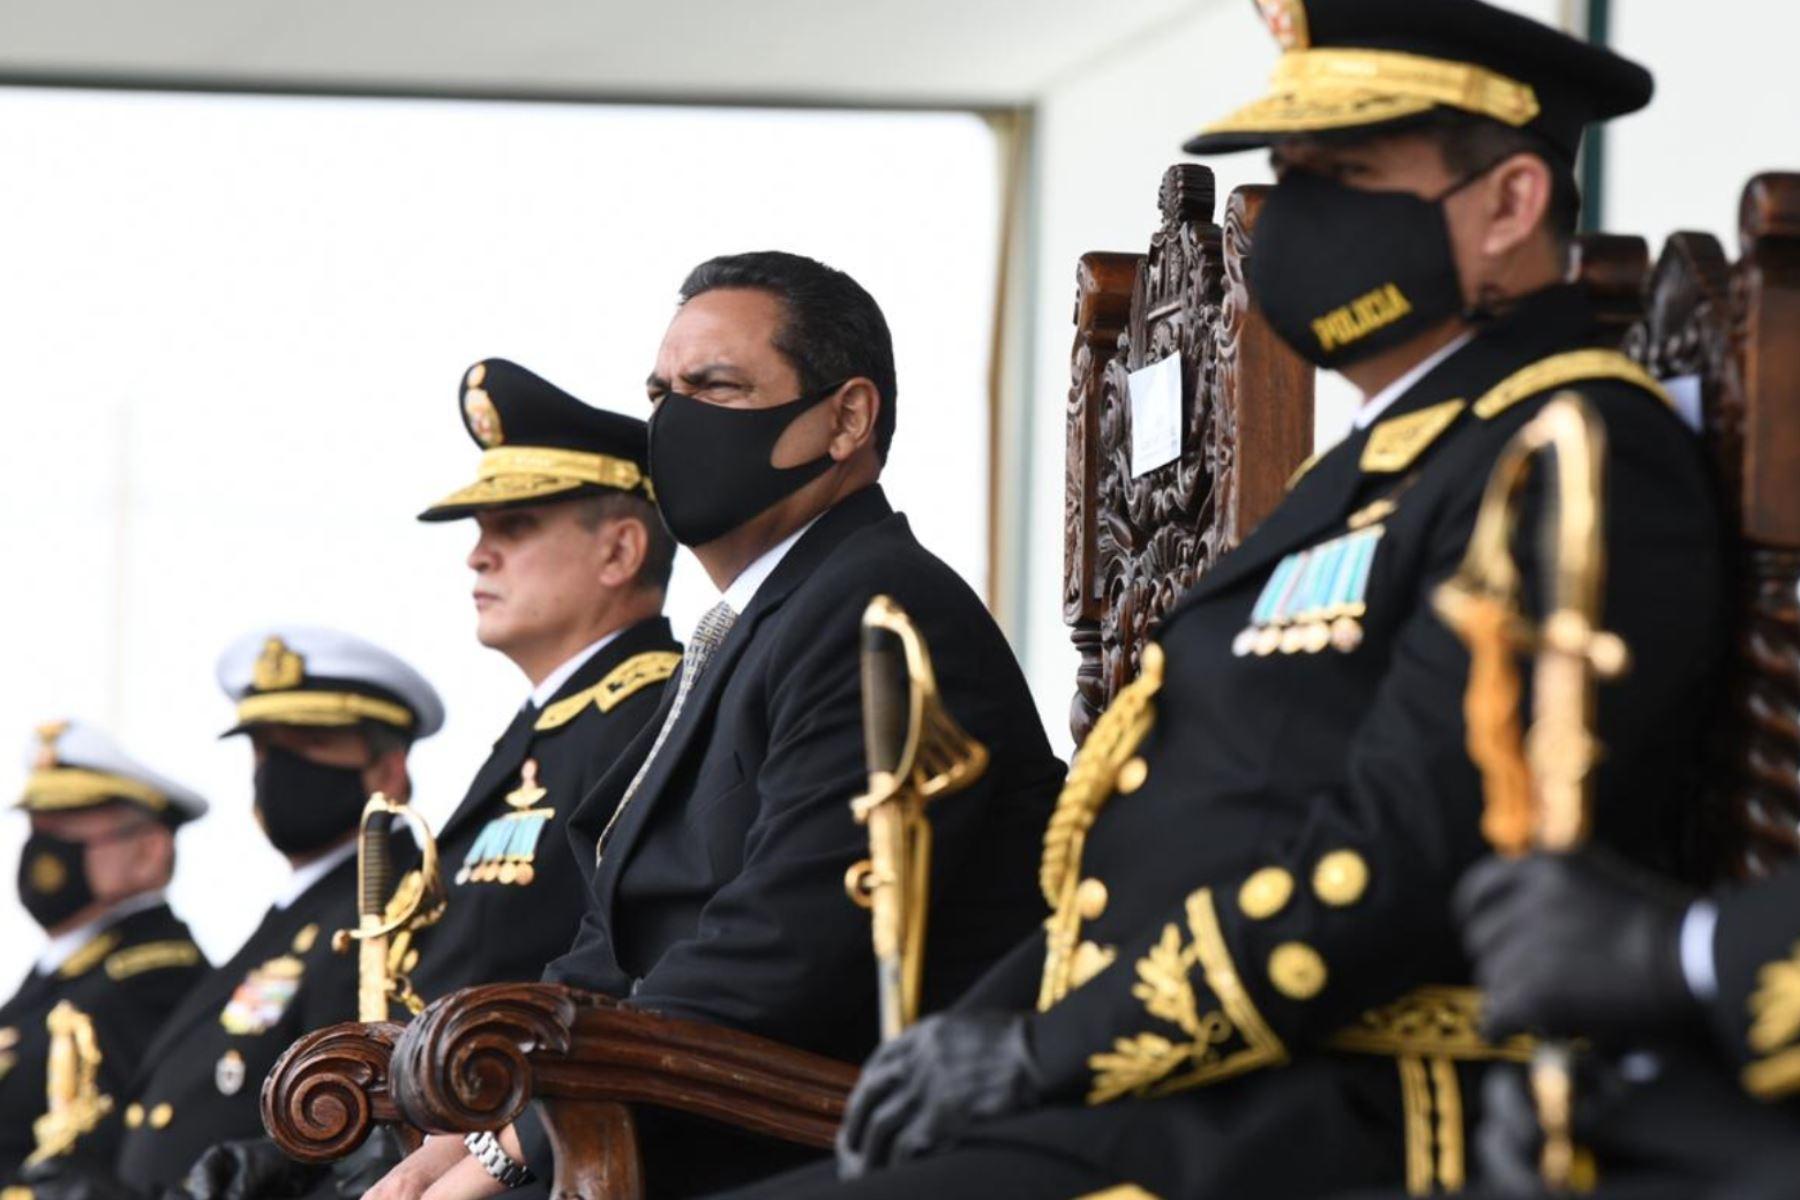 El Ministro del Interior Jorge Montoya, lidera ceremonia de graduación de alféreces de la Escuela de Oficiales de la  Policía Nacional del Perú.Foto:ANDINA/Mininter .